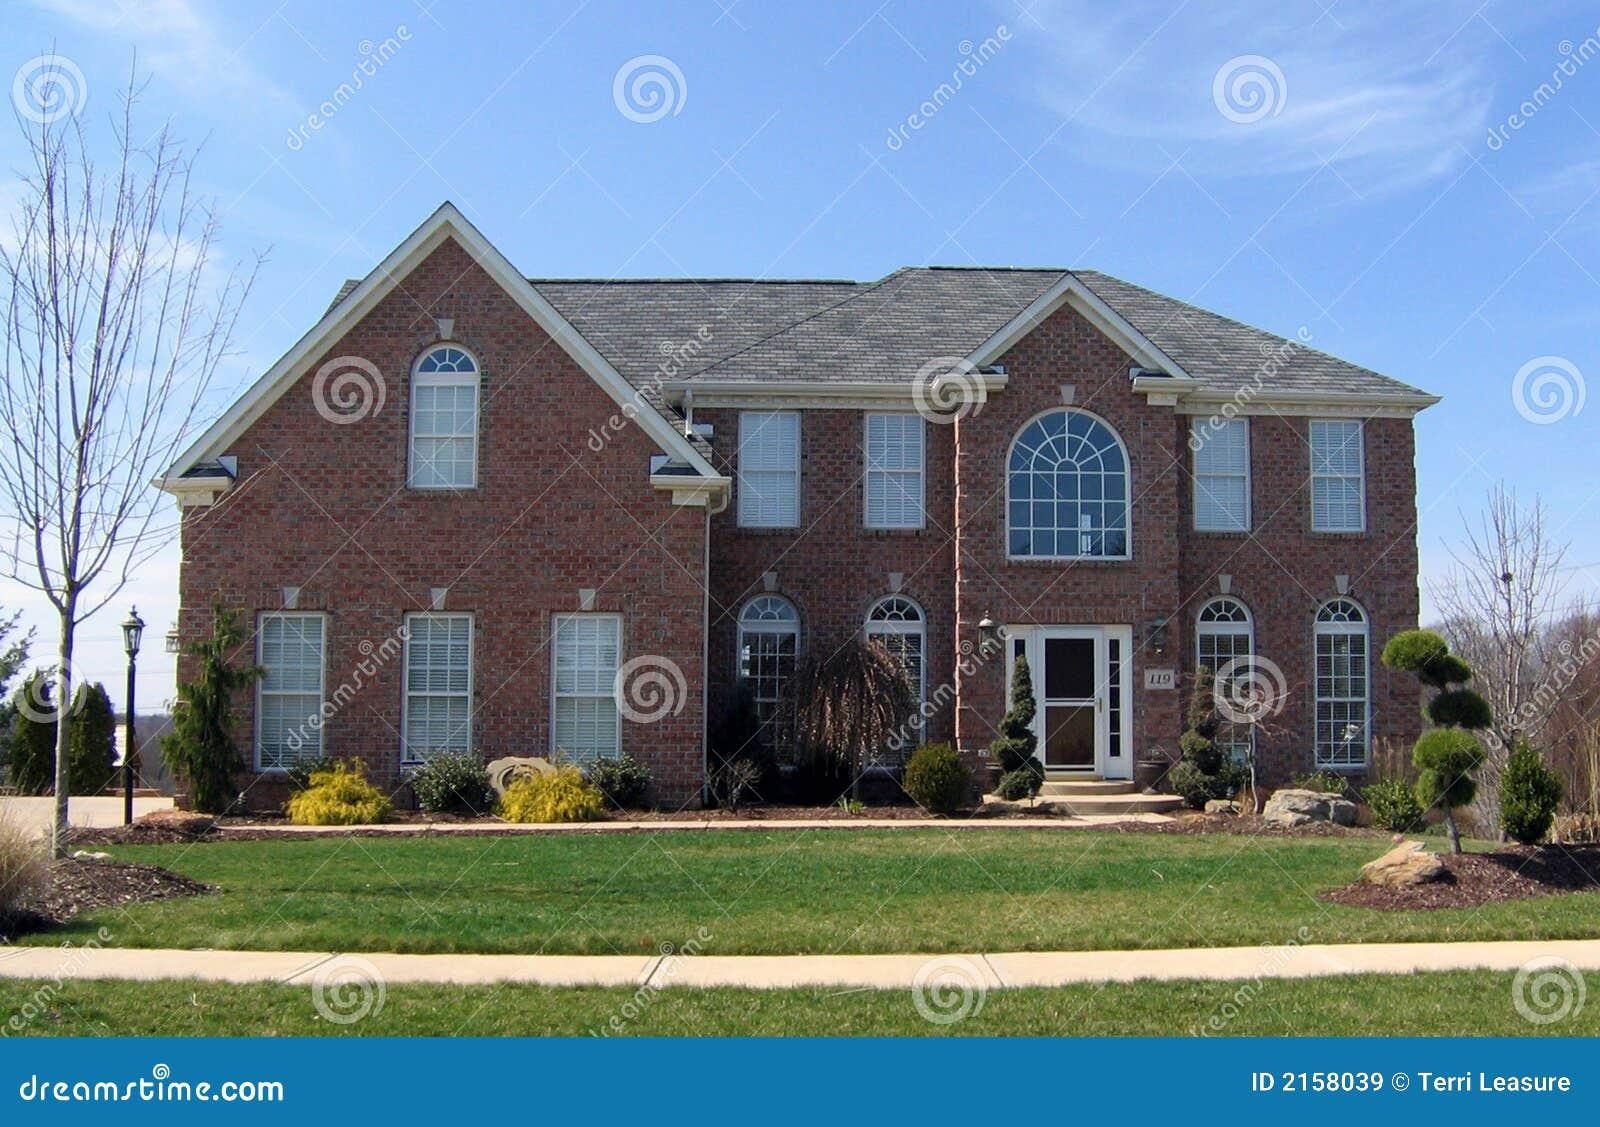 Nieuw huis stock afbeelding afbeelding bestaande uit leef 2158039 - Nieuw huis ...